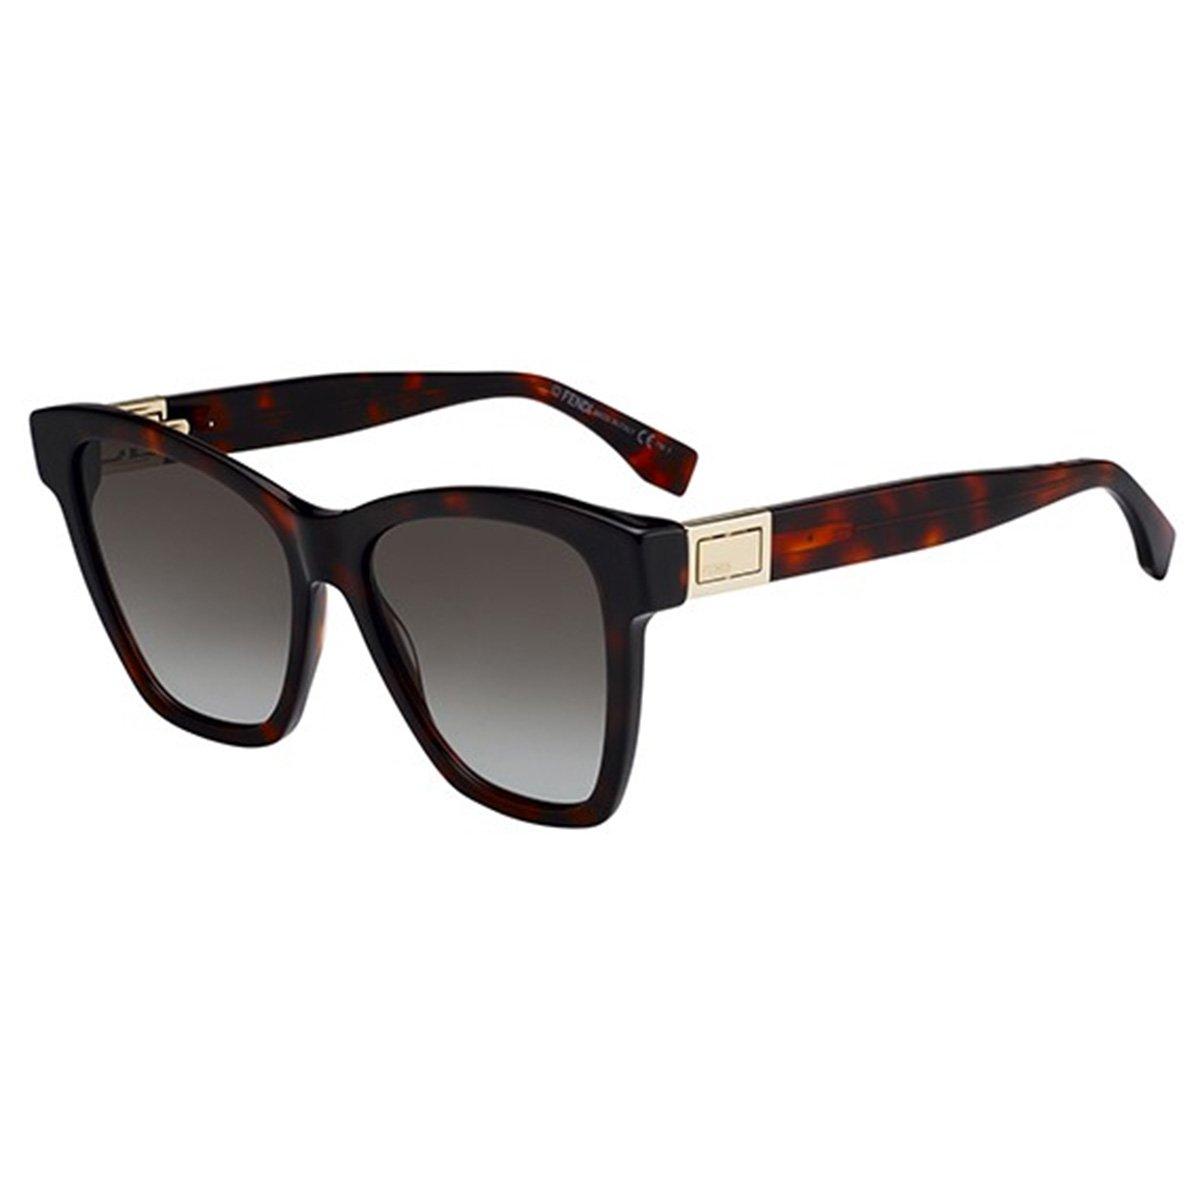 eb7c956b2428d Compre Óculos de Sol Fendi Peekaboo em 10X